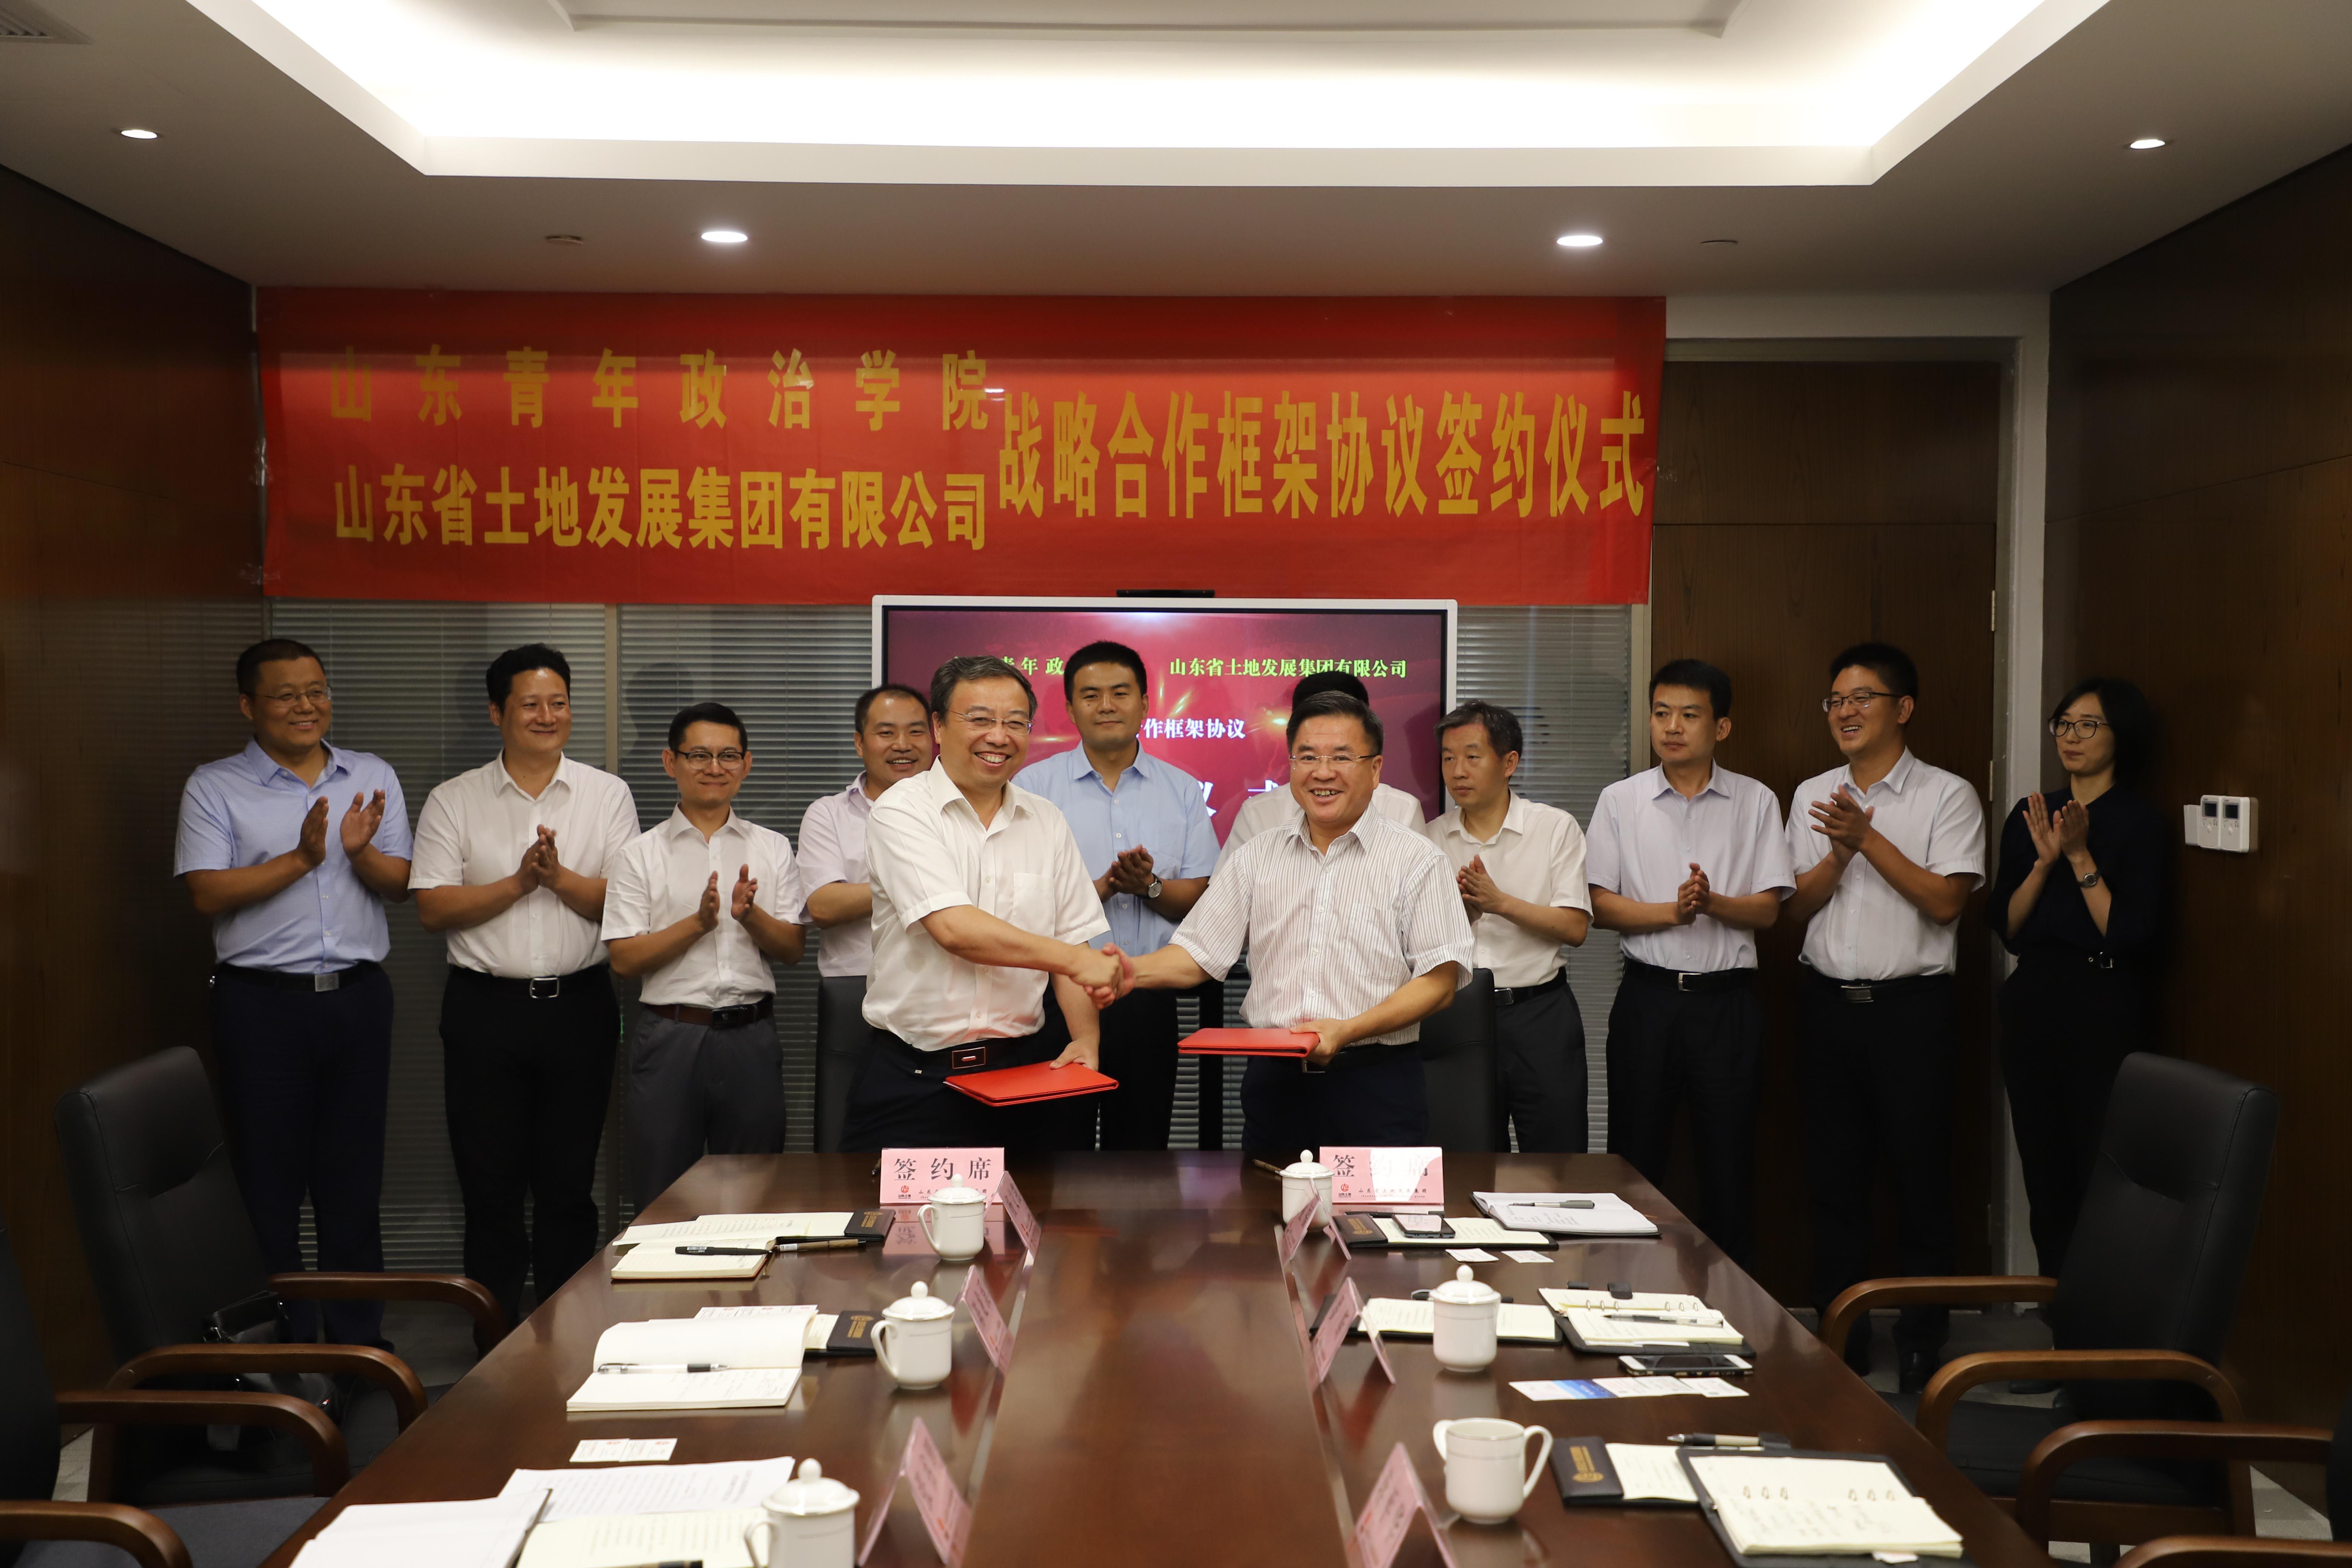 山青院与山东土地签署战略合作协议 共同打造产教融合齐鲁样板